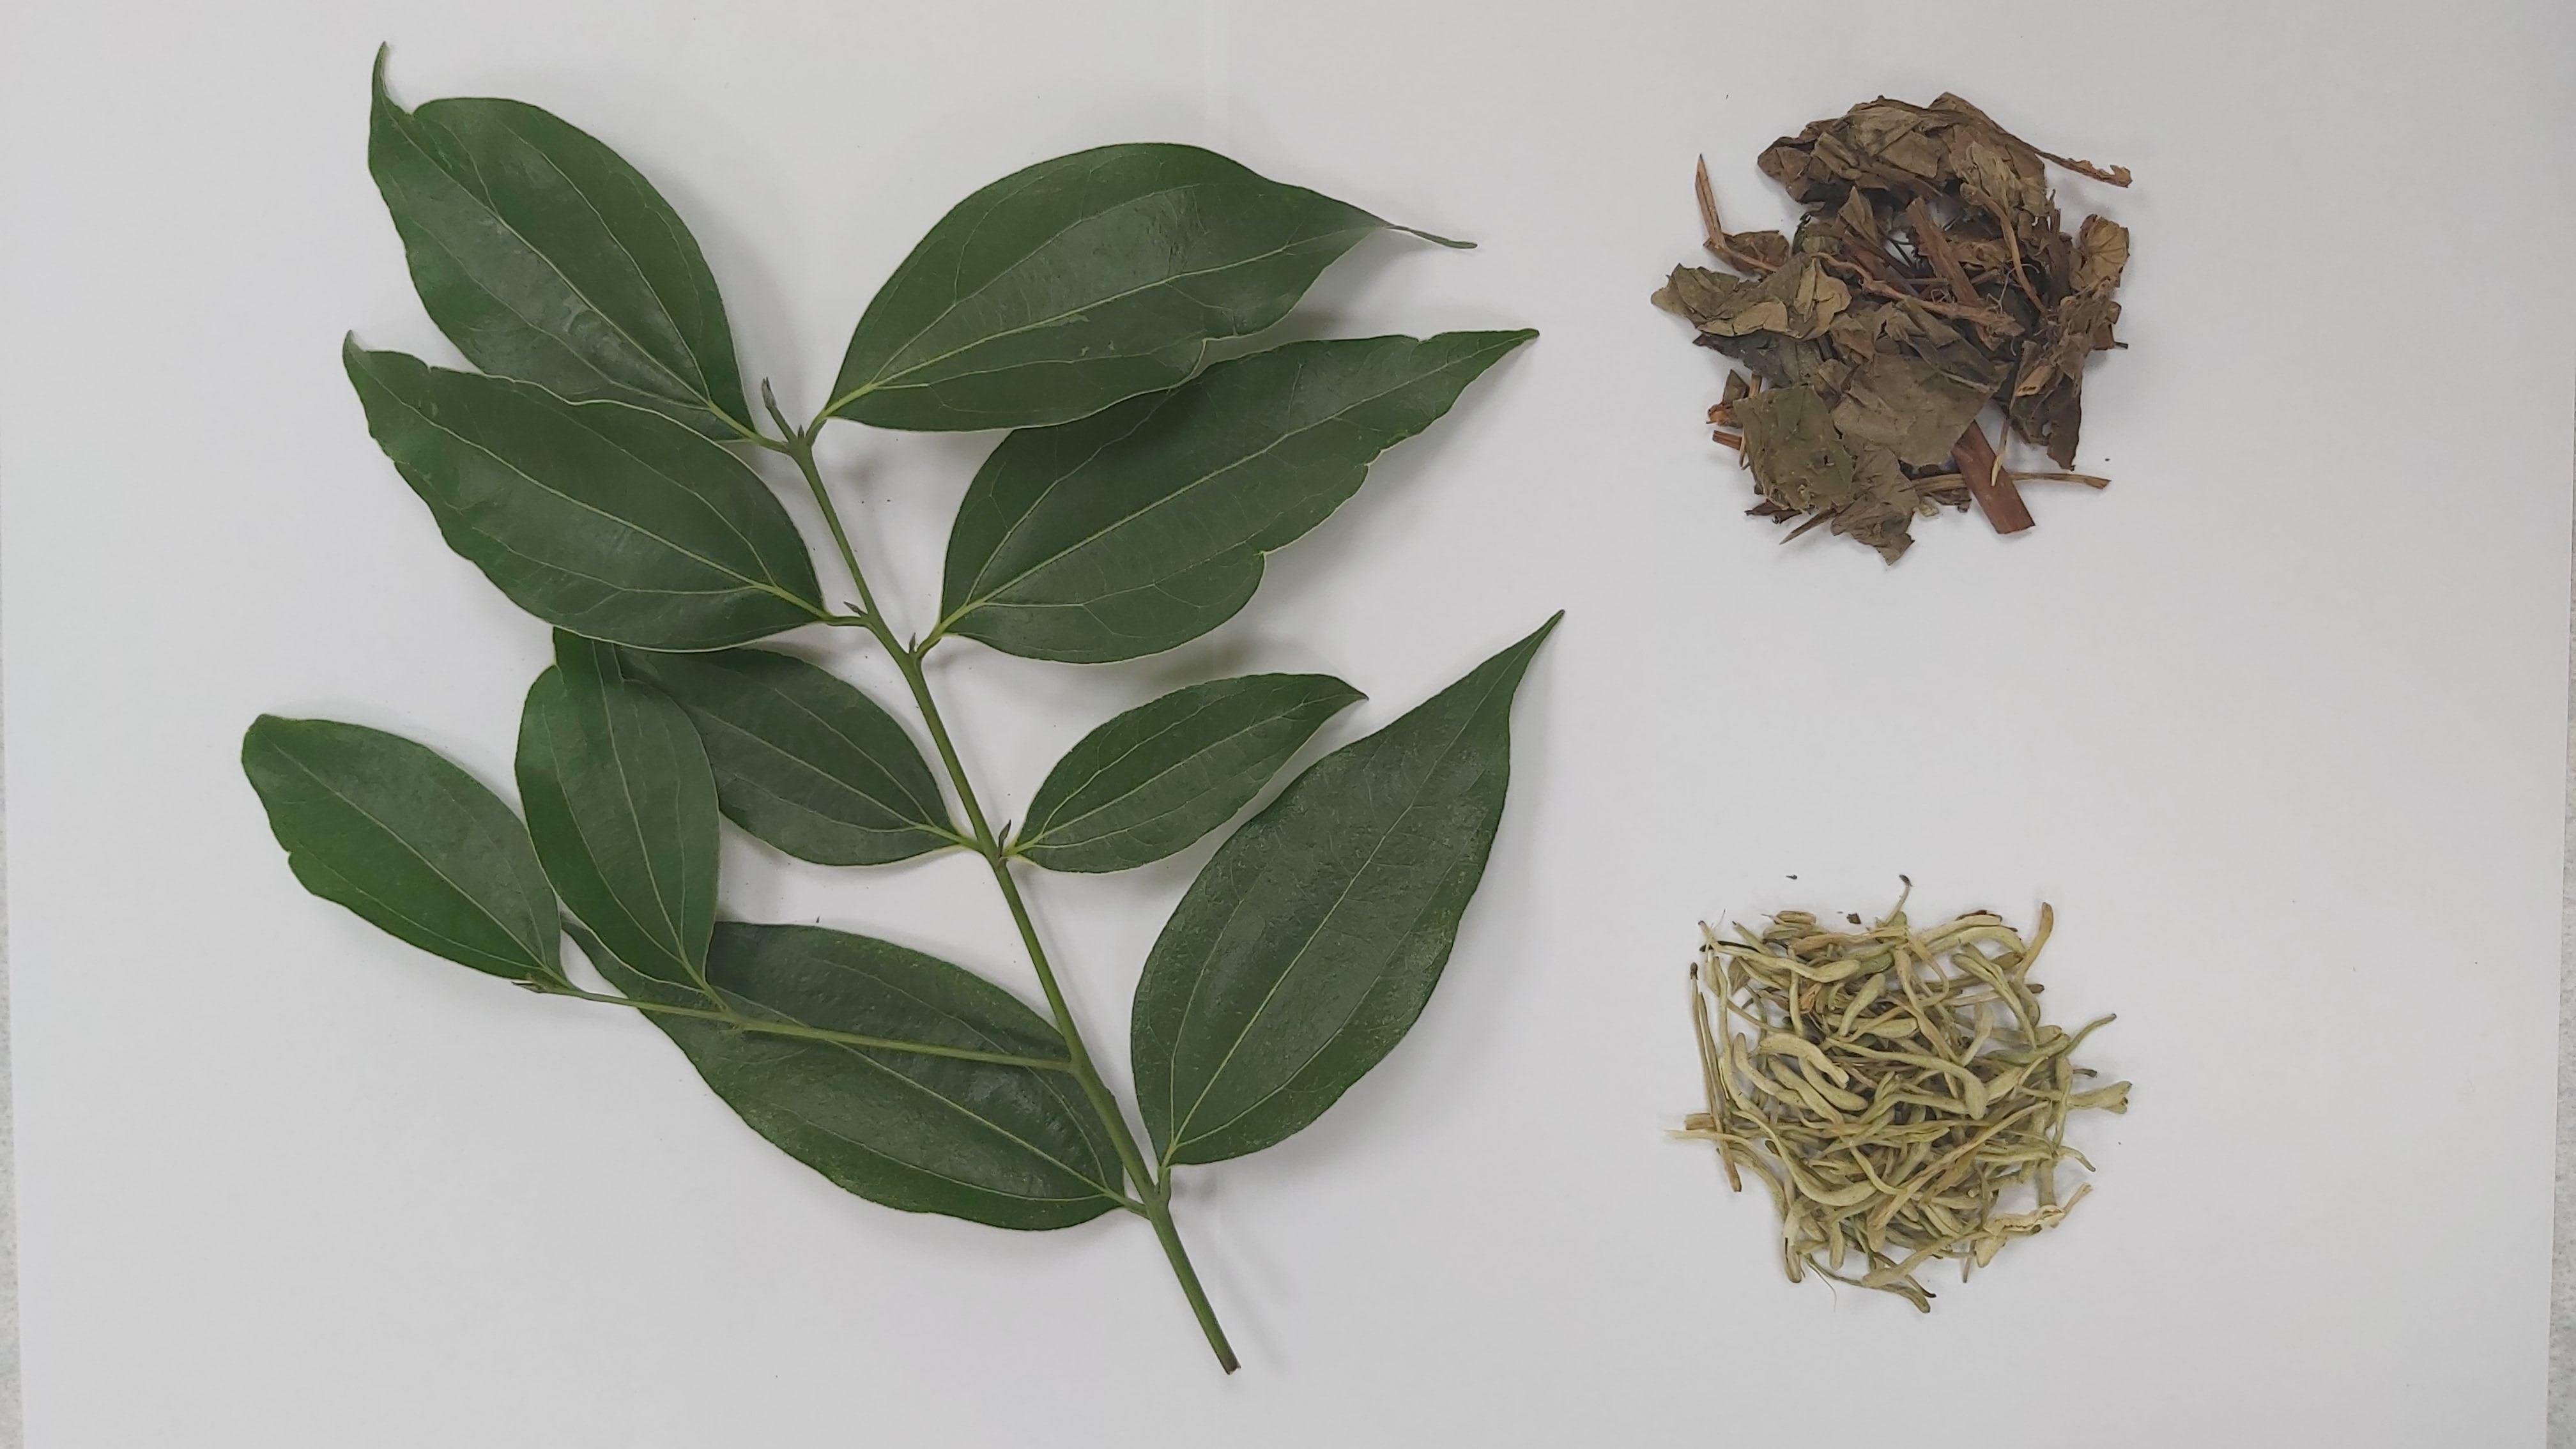 土肉桂葉(左)、魚腥草(右上)、金銀花(右下)